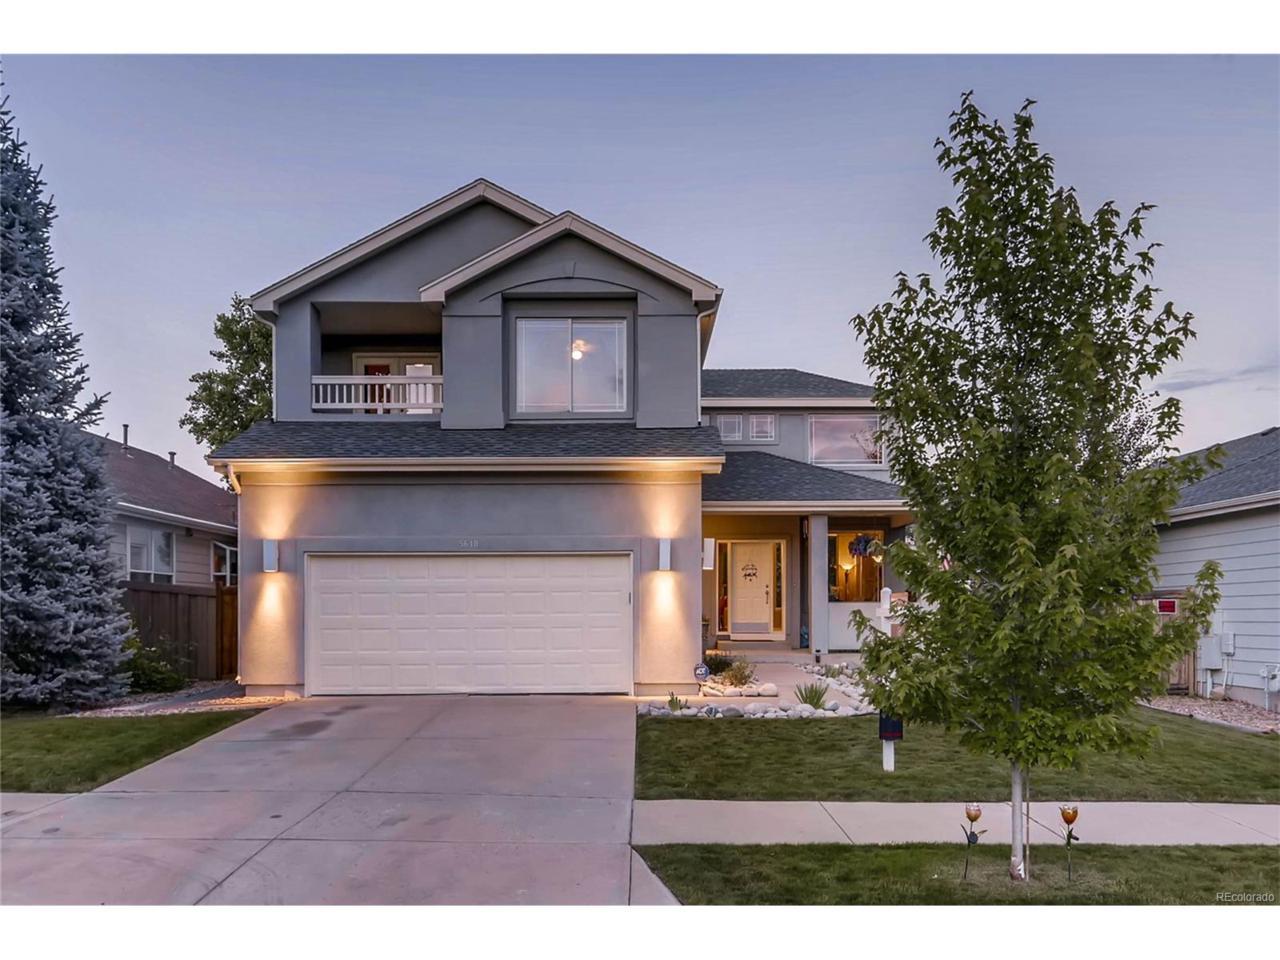 5640 S Marshall Street, Denver, CO 80123 (MLS #3934214) :: 8z Real Estate